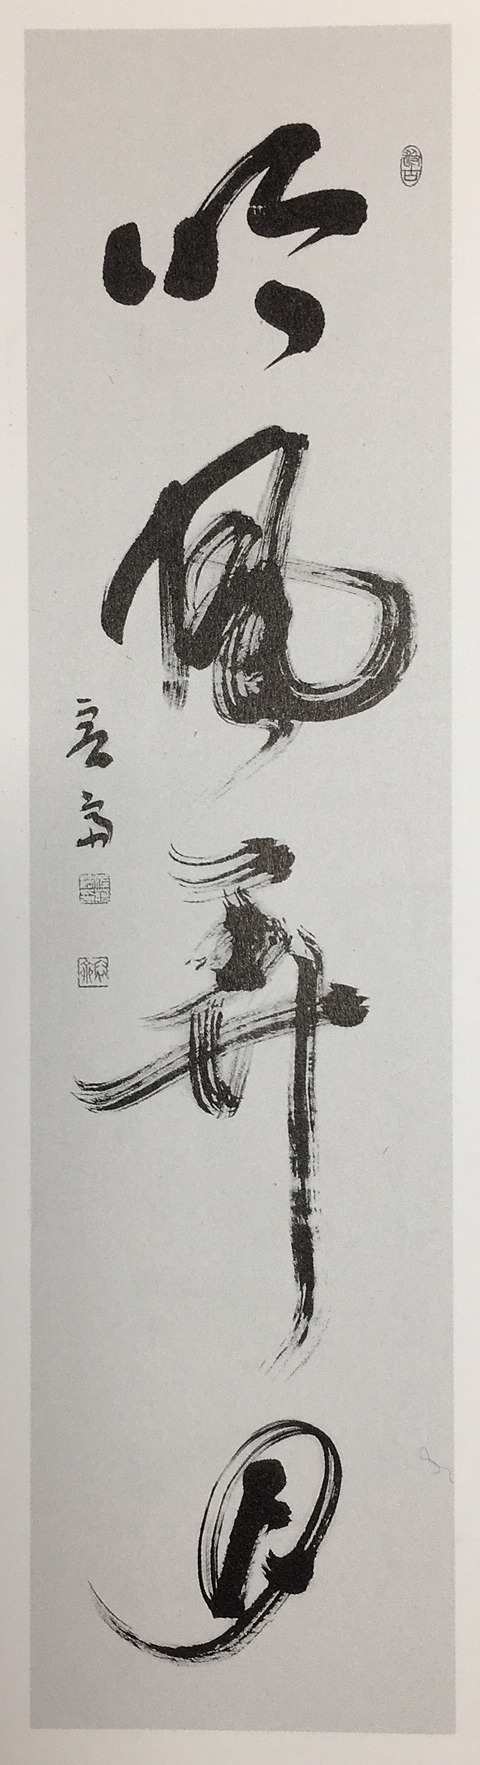 H29年11月:日本書人展出品作 「吟風弄月」135×33   掠れを主に強く突きつめて書きました。